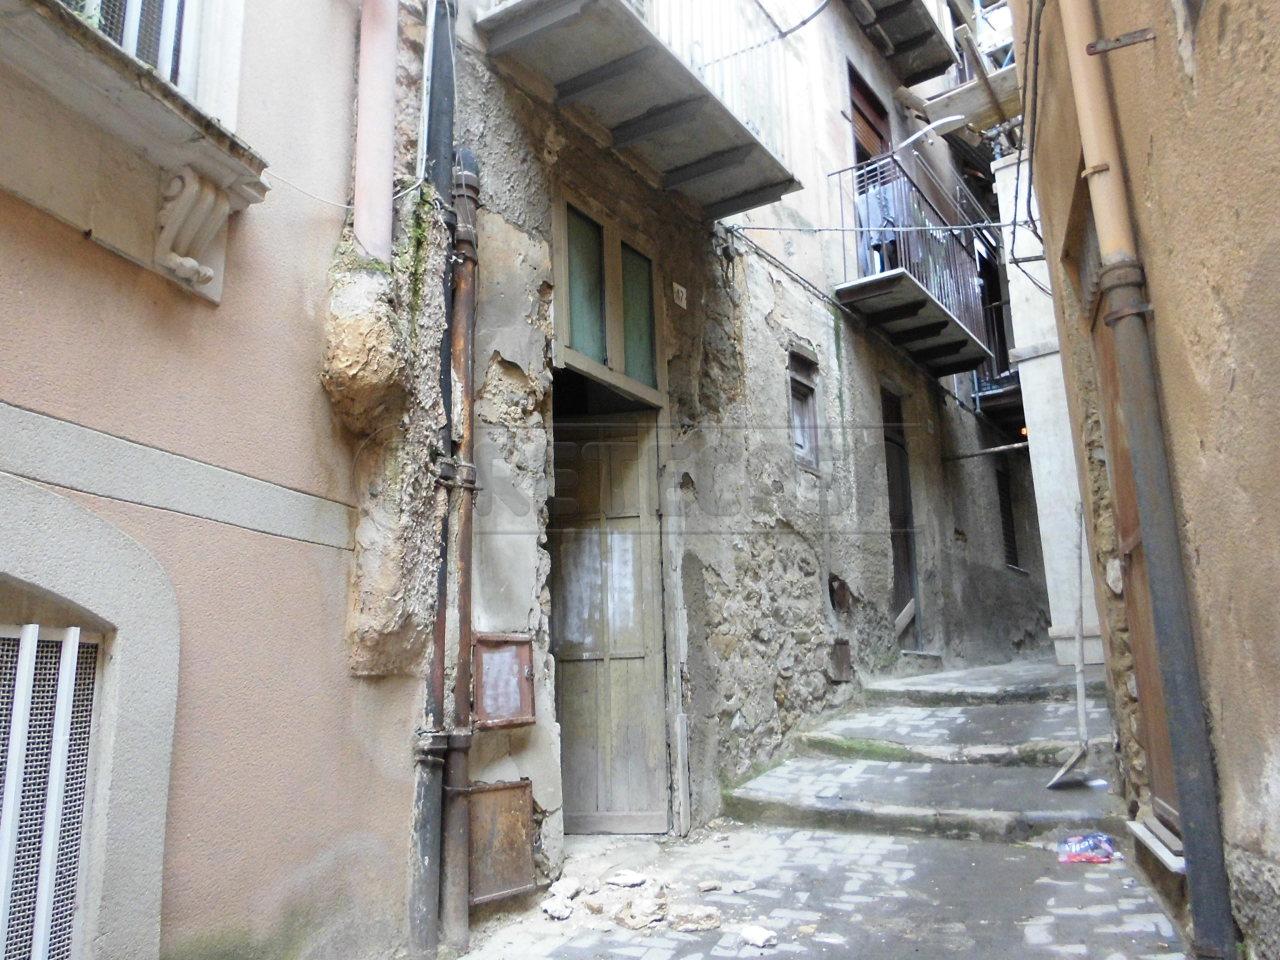 Magazzino in vendita a Caltanissetta, 1 locali, prezzo € 6.000 | Cambio Casa.it